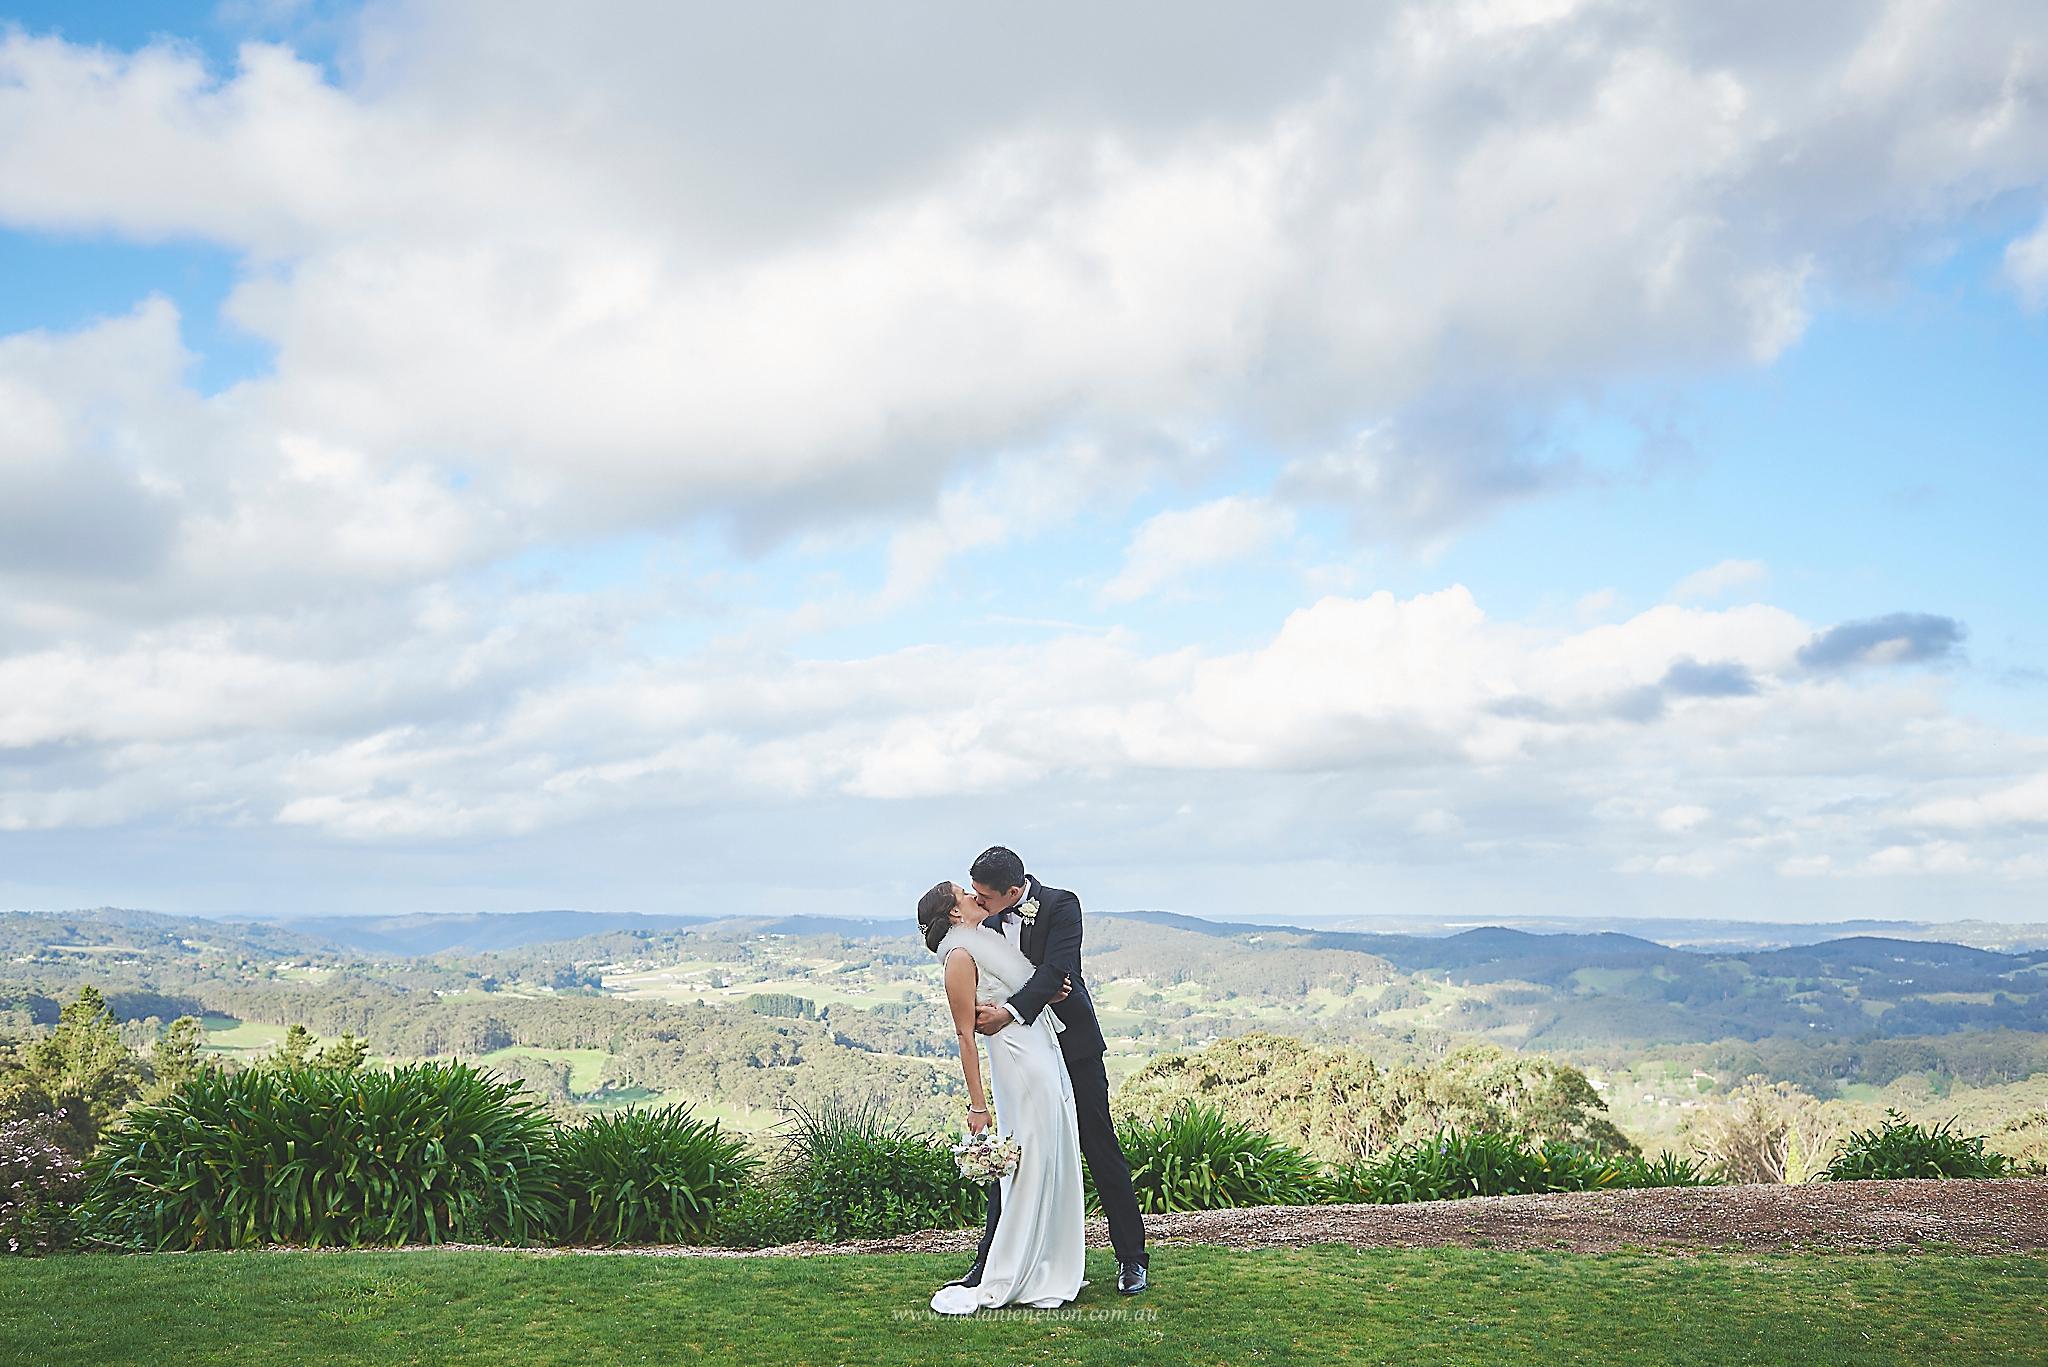 adelaide_hills_wedding_photography_0019.jpg